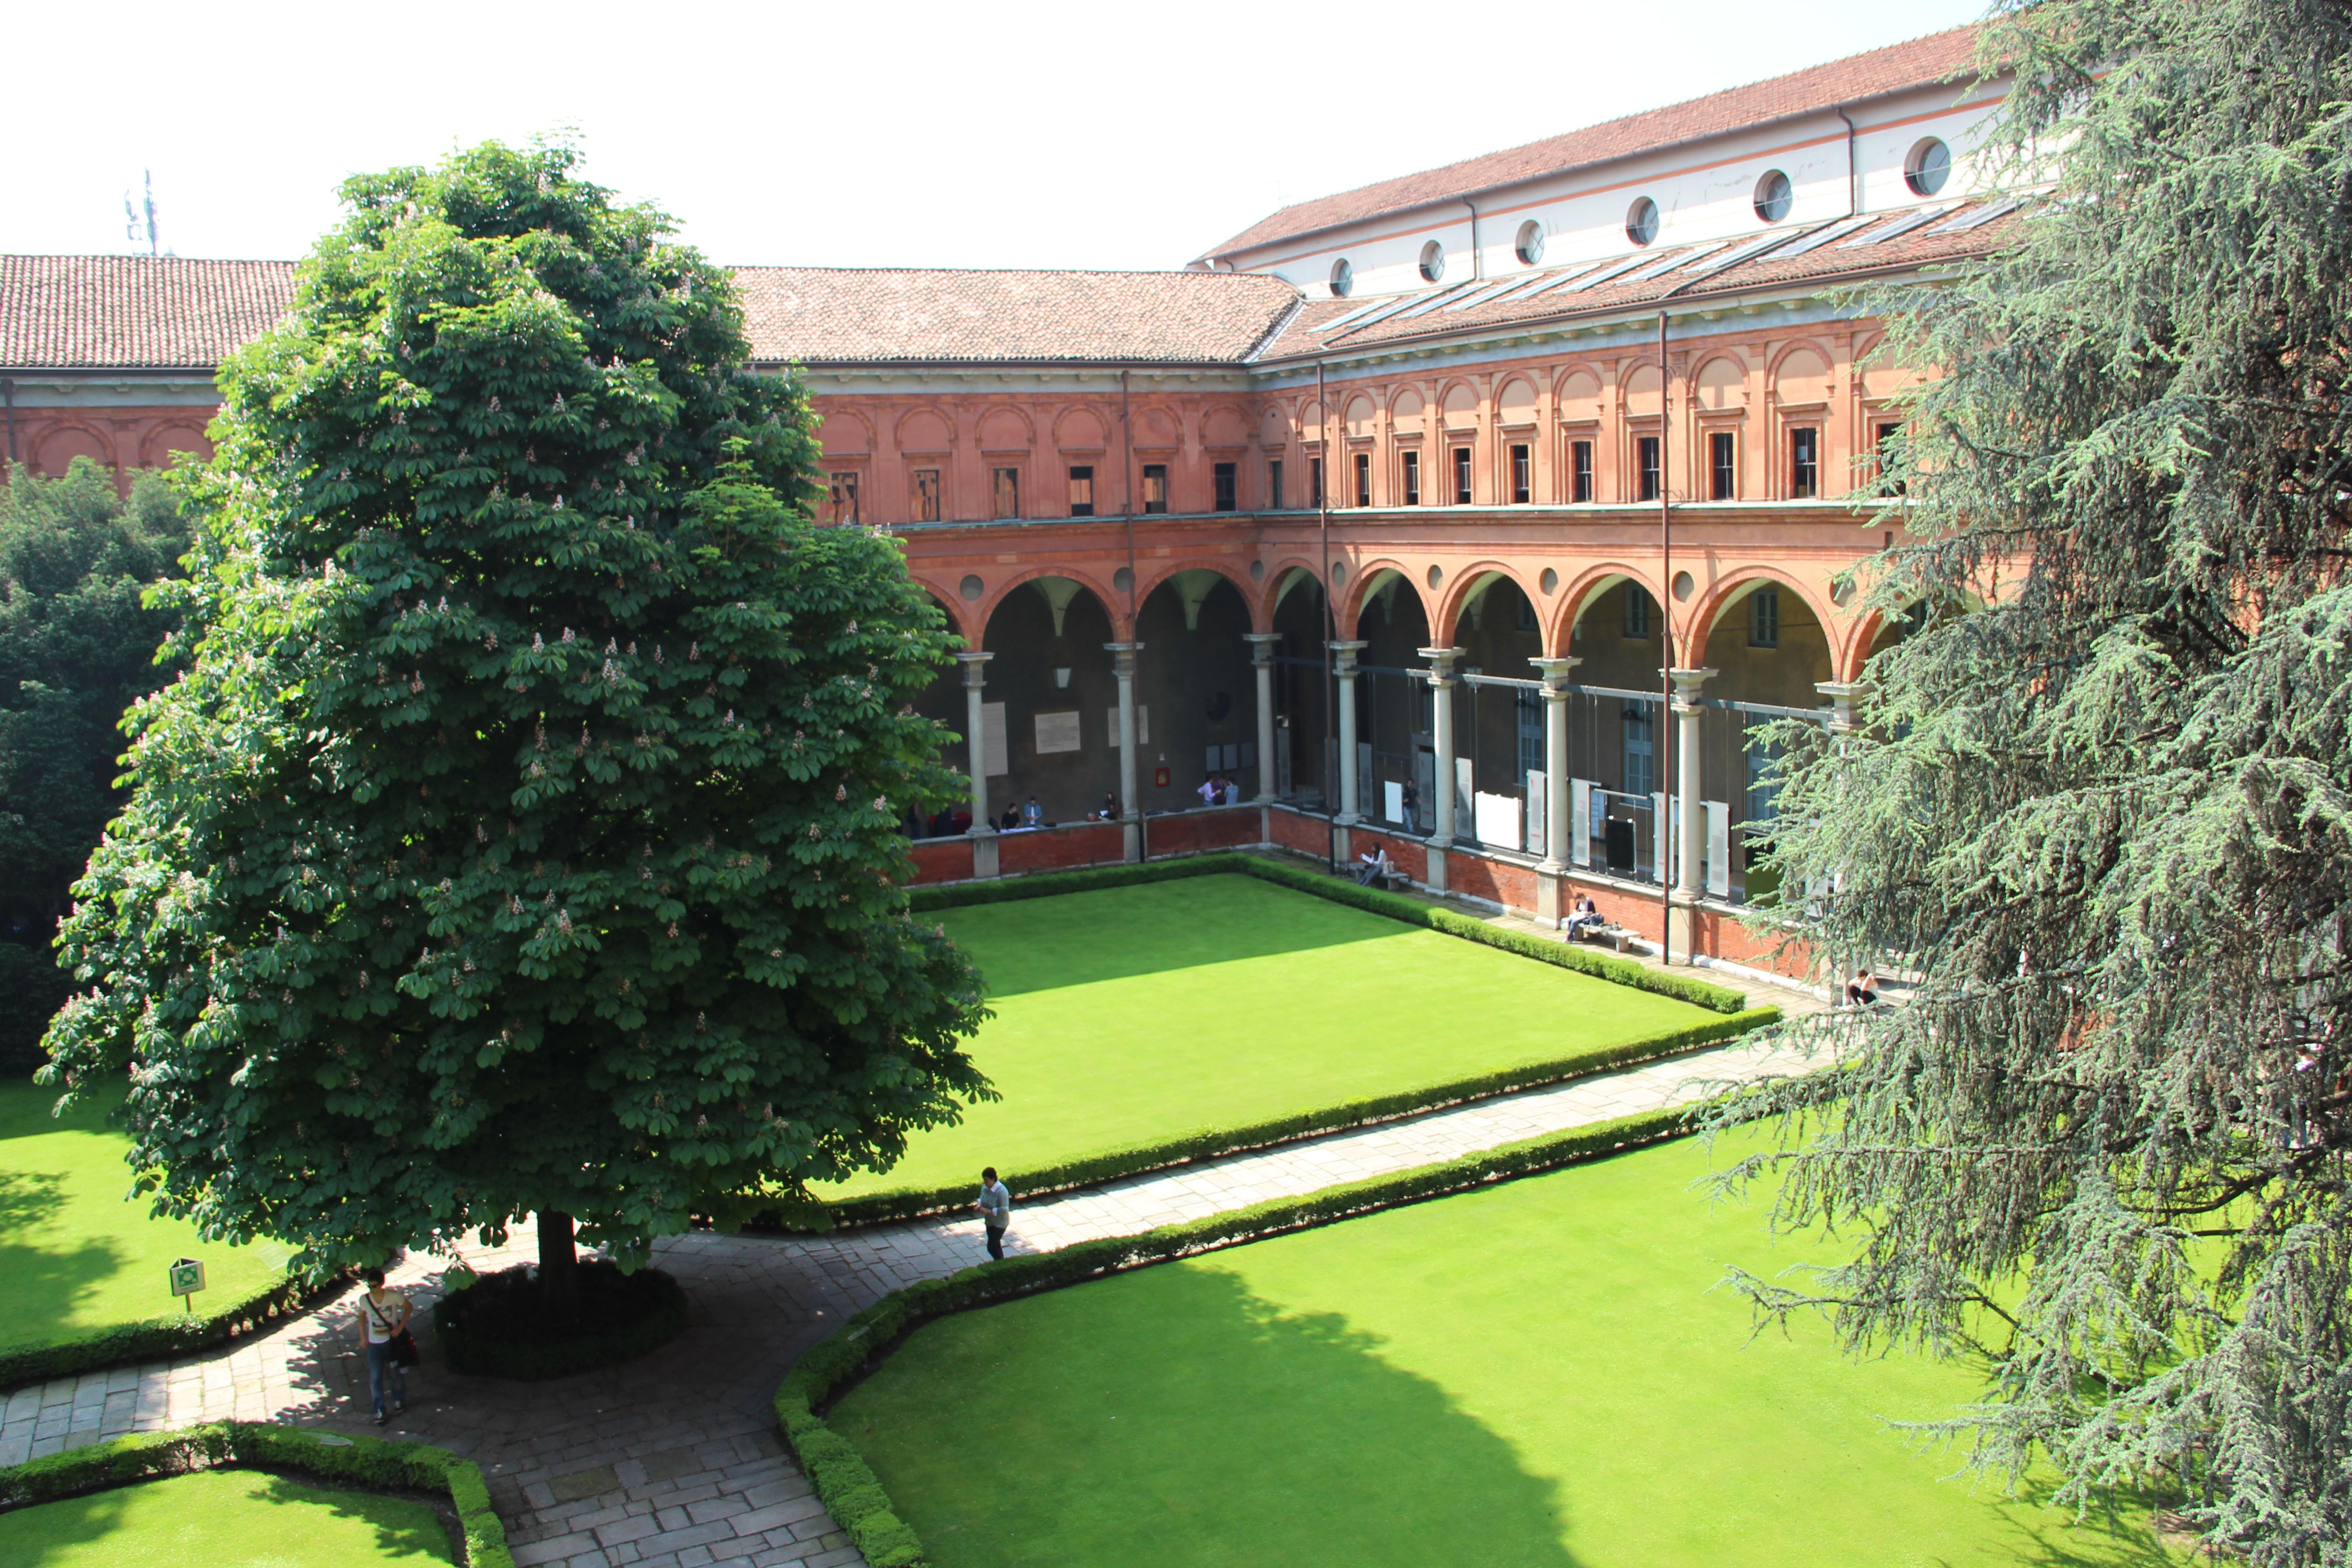 Universit cattolica tra i tre atenei con gli studenti pi for B b srl milano